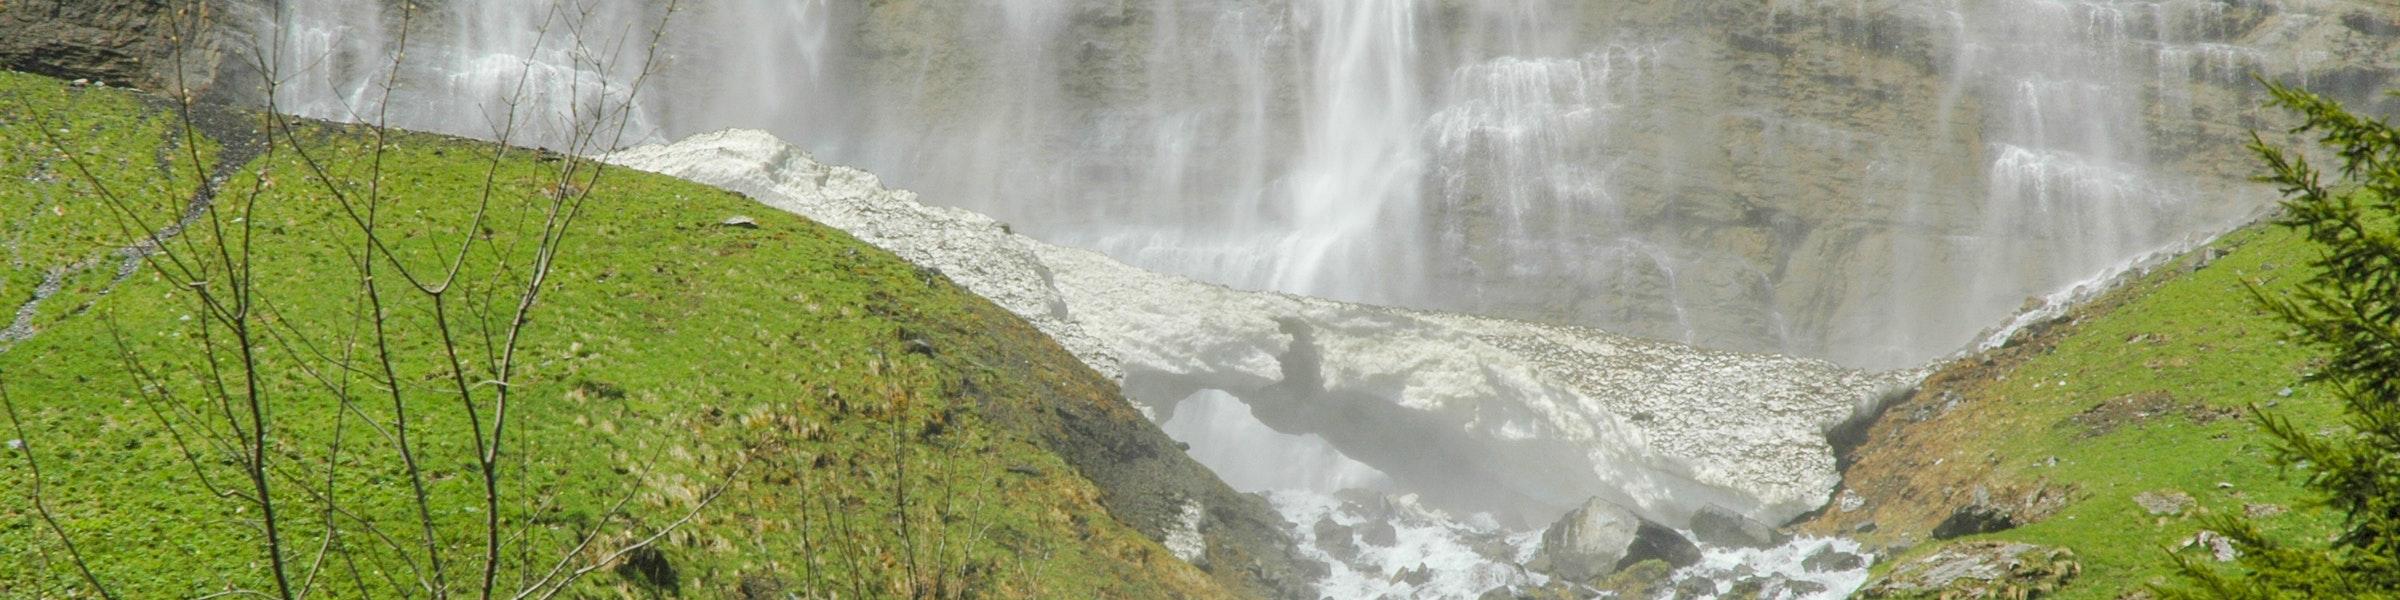 Onderkant van de Staubbachfall